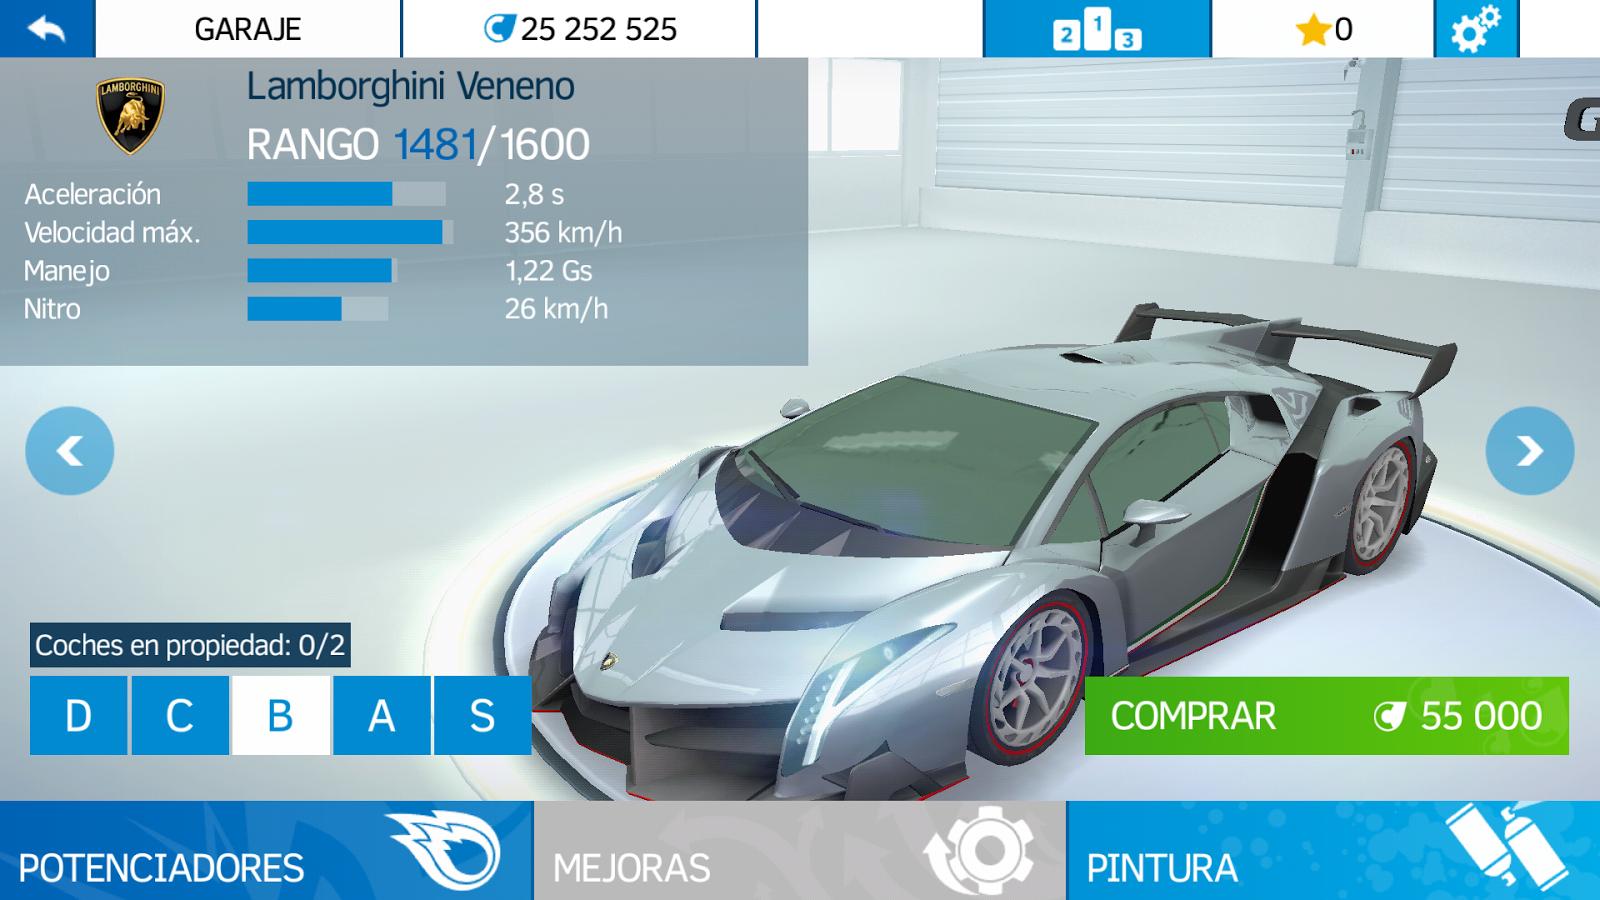 capturas de pantalla